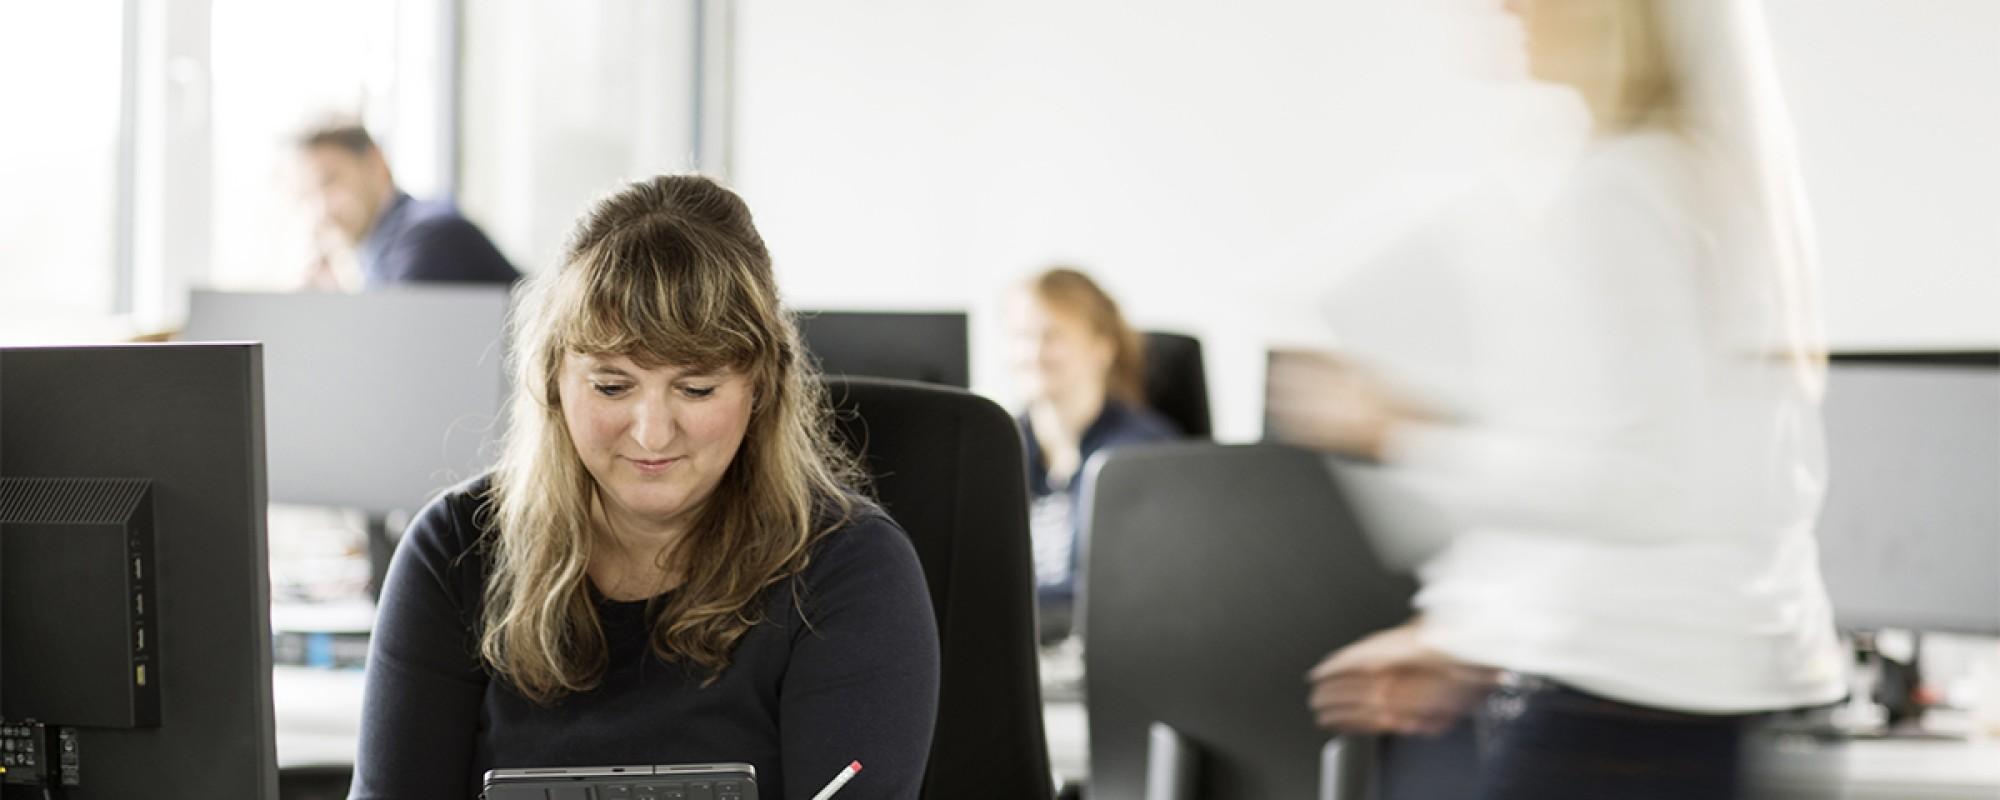 Eine Frau arbeitet in einem voll besetzten Büro an ihrem iPad.